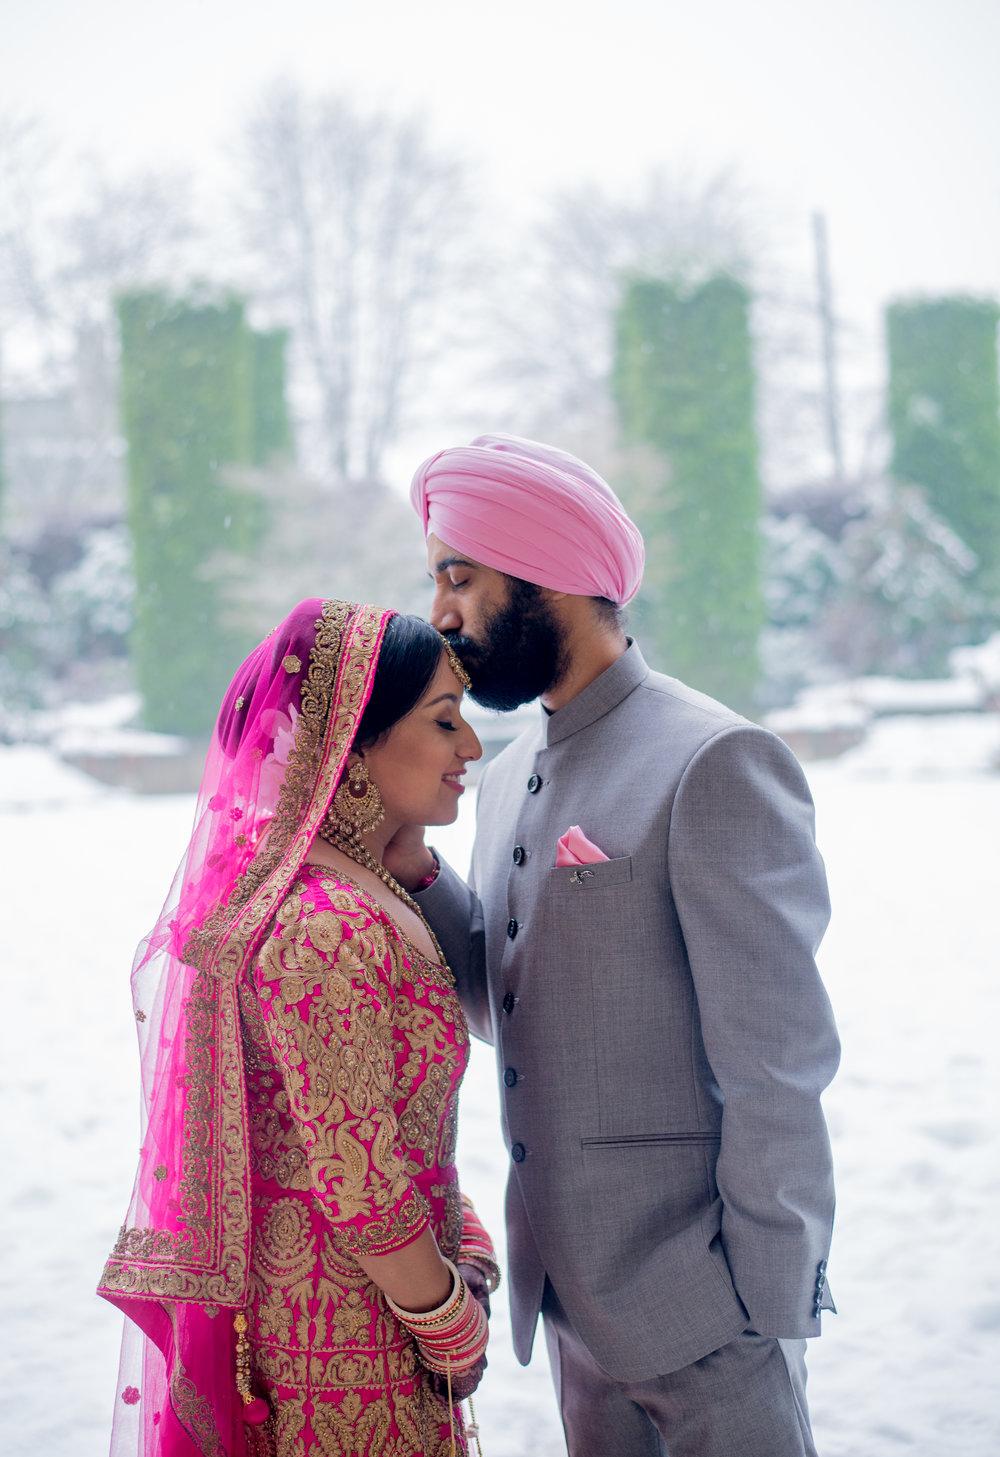 PREETY & AMAR - Sikh wedding ceremony on a snowy New year's eve